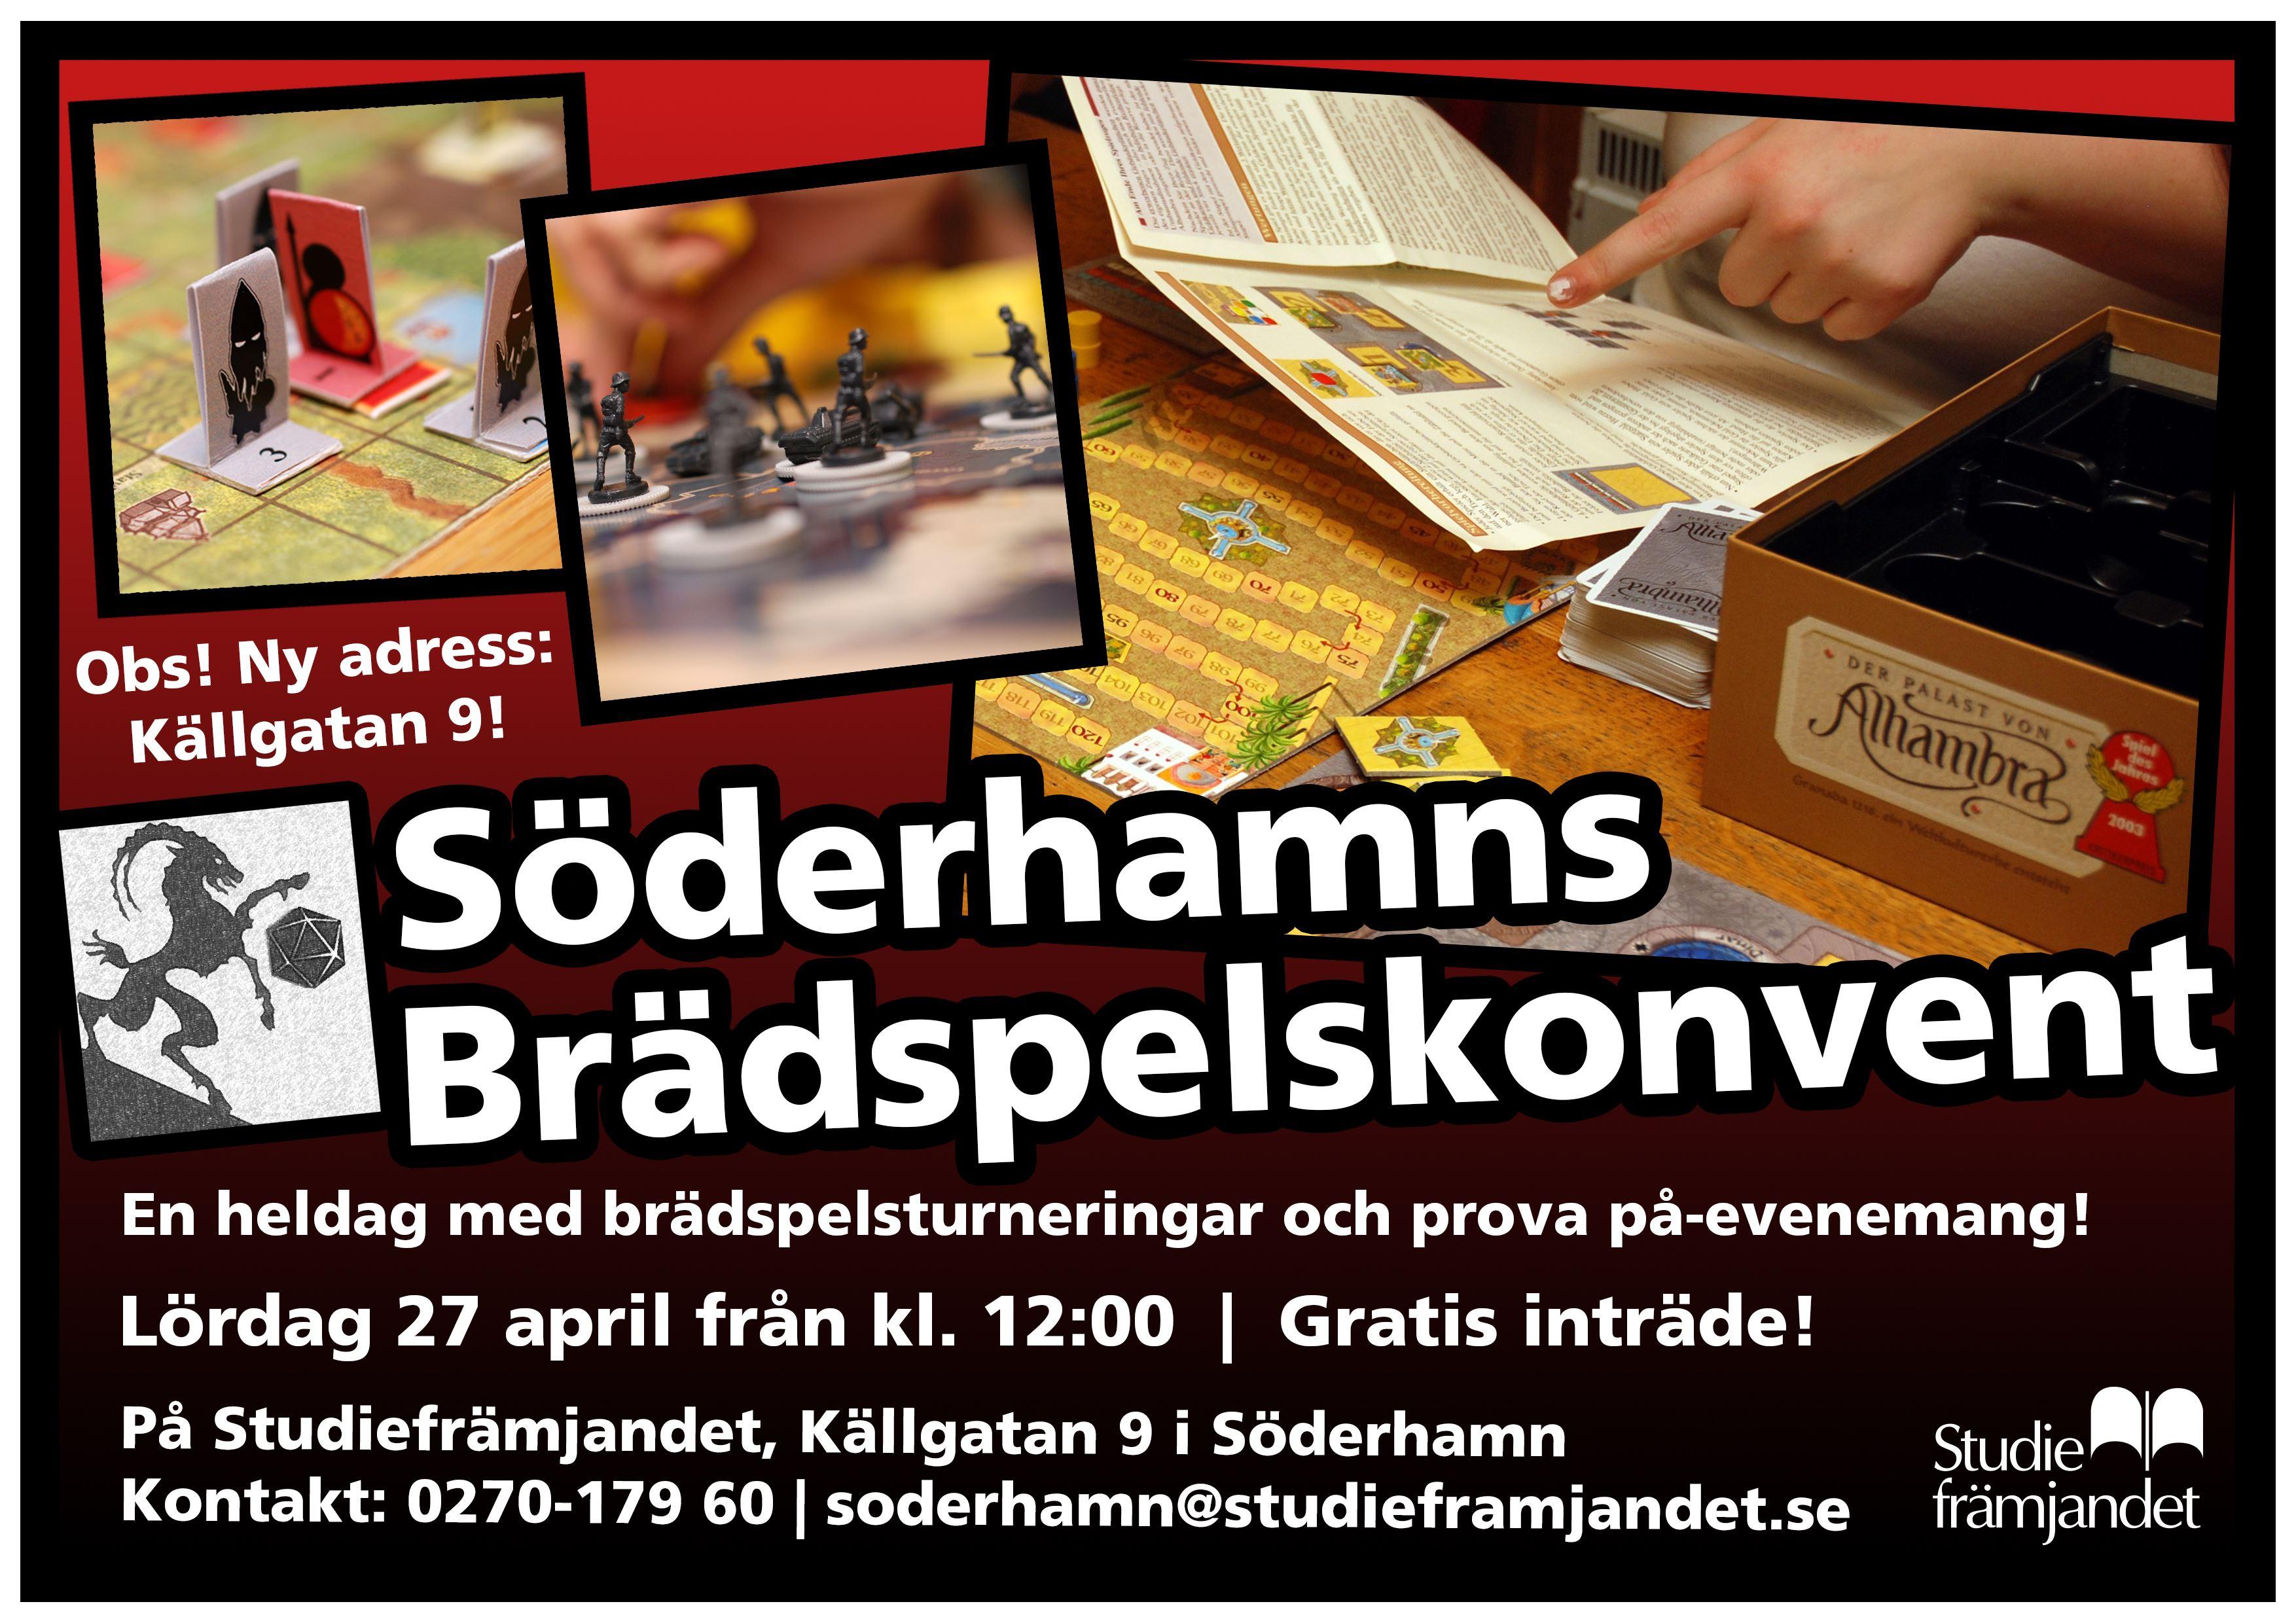 Söderhamns Brädspelskonvent